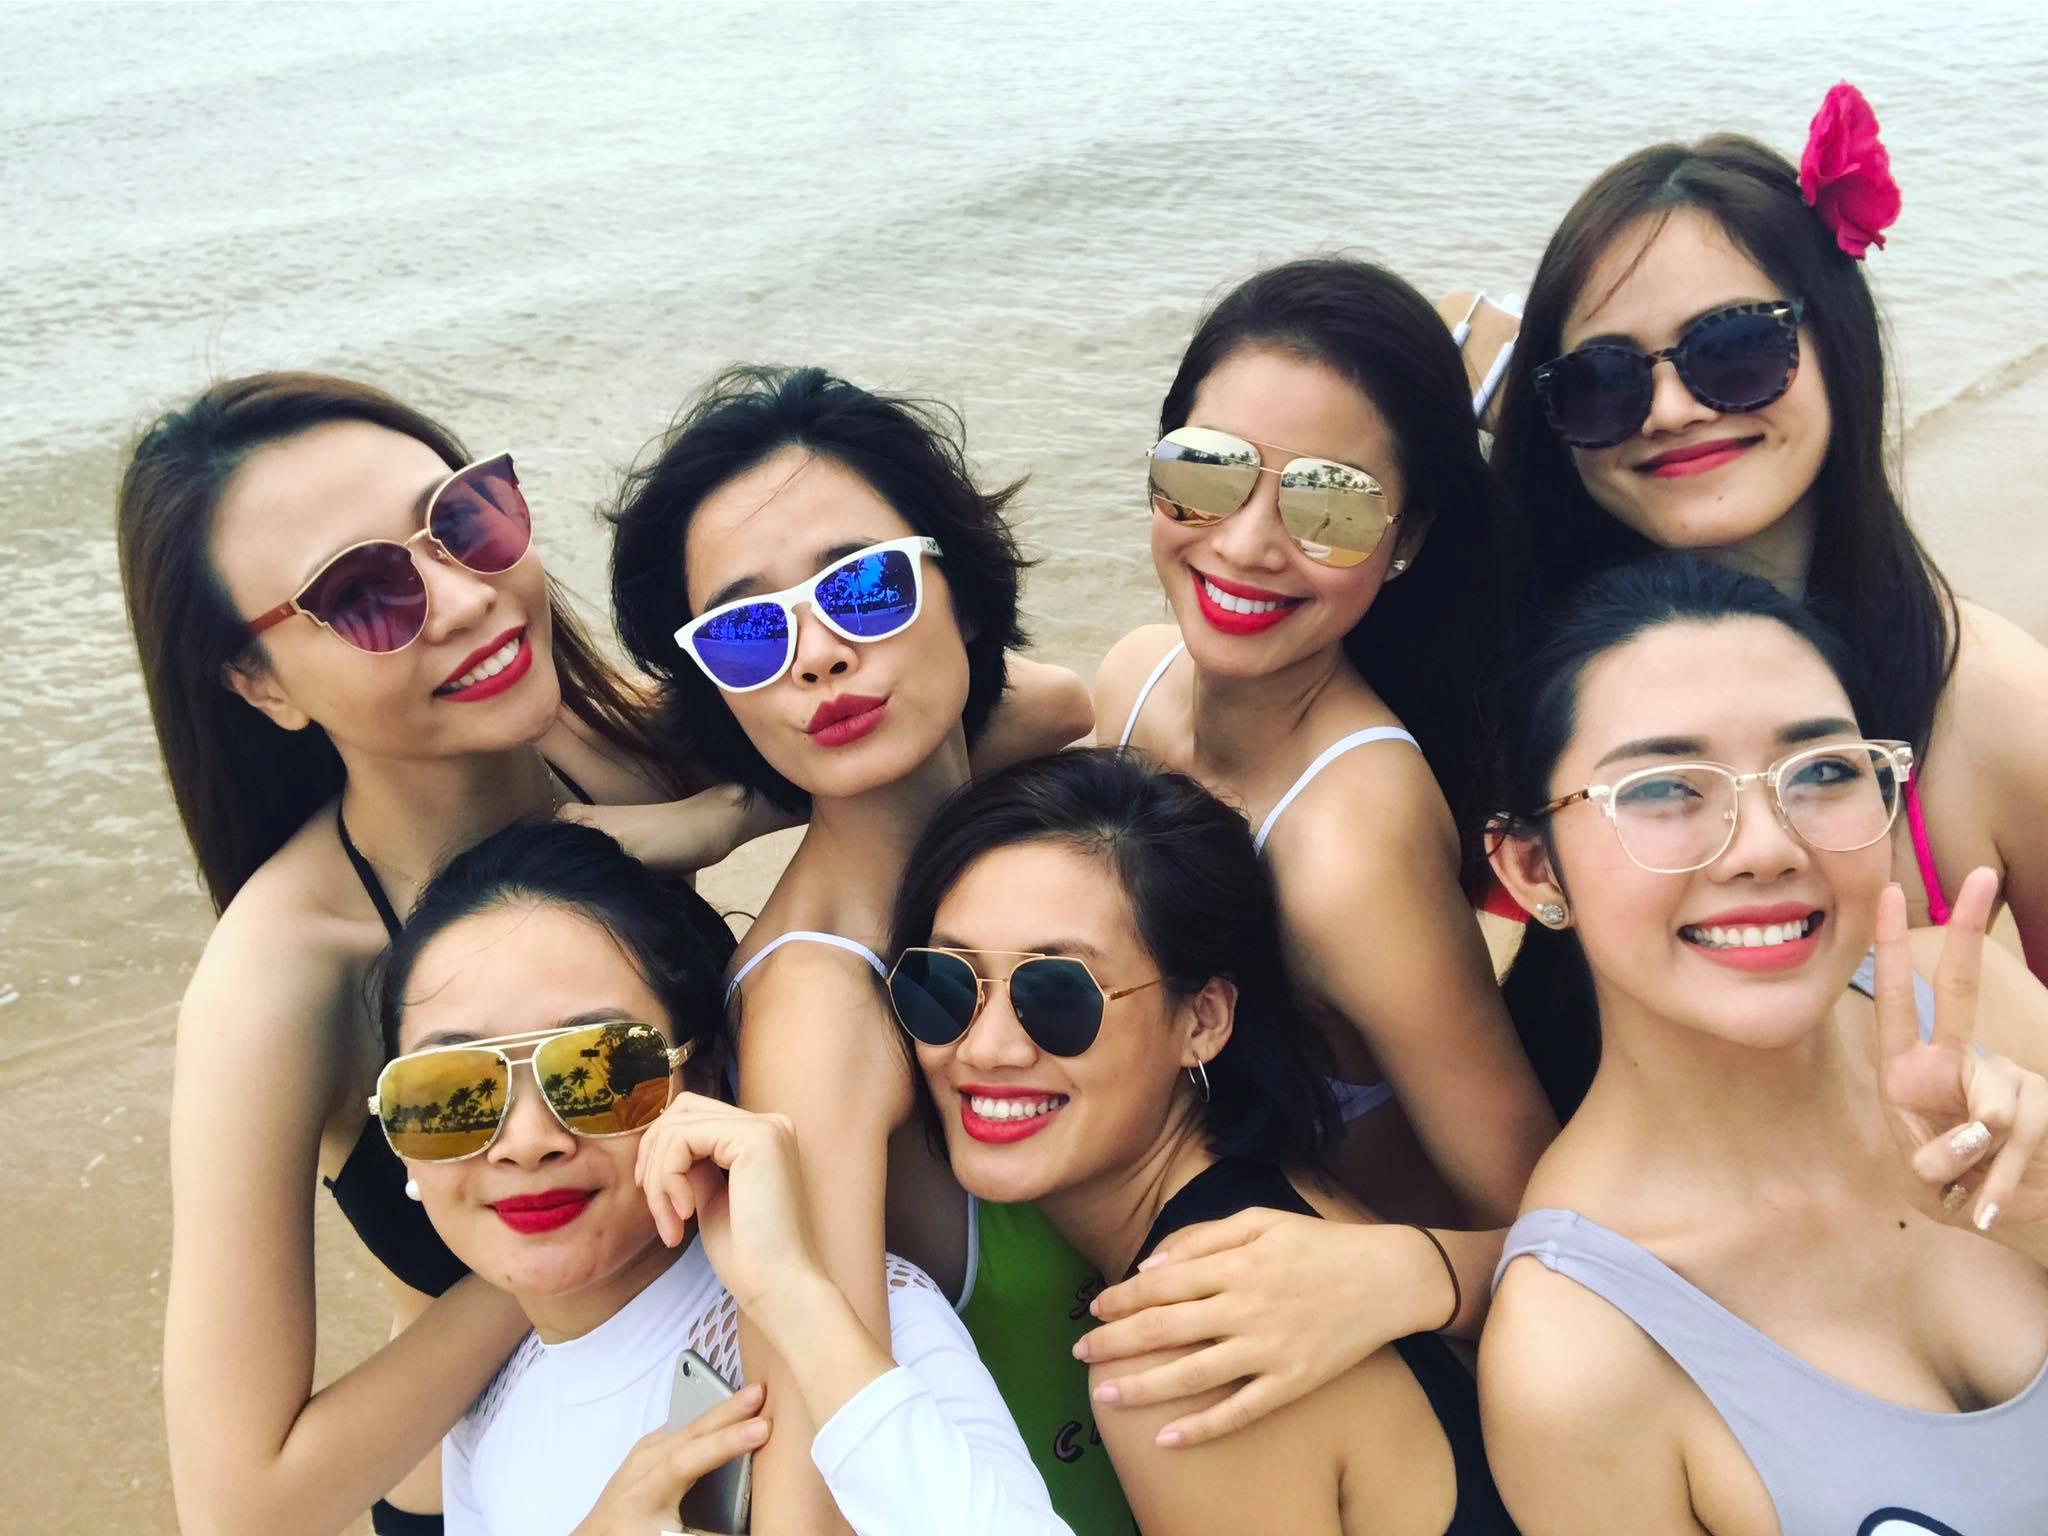 """Phạm Hương tung ảnh bikini """"cá 7 màu"""" đốt mắt fans - 4"""